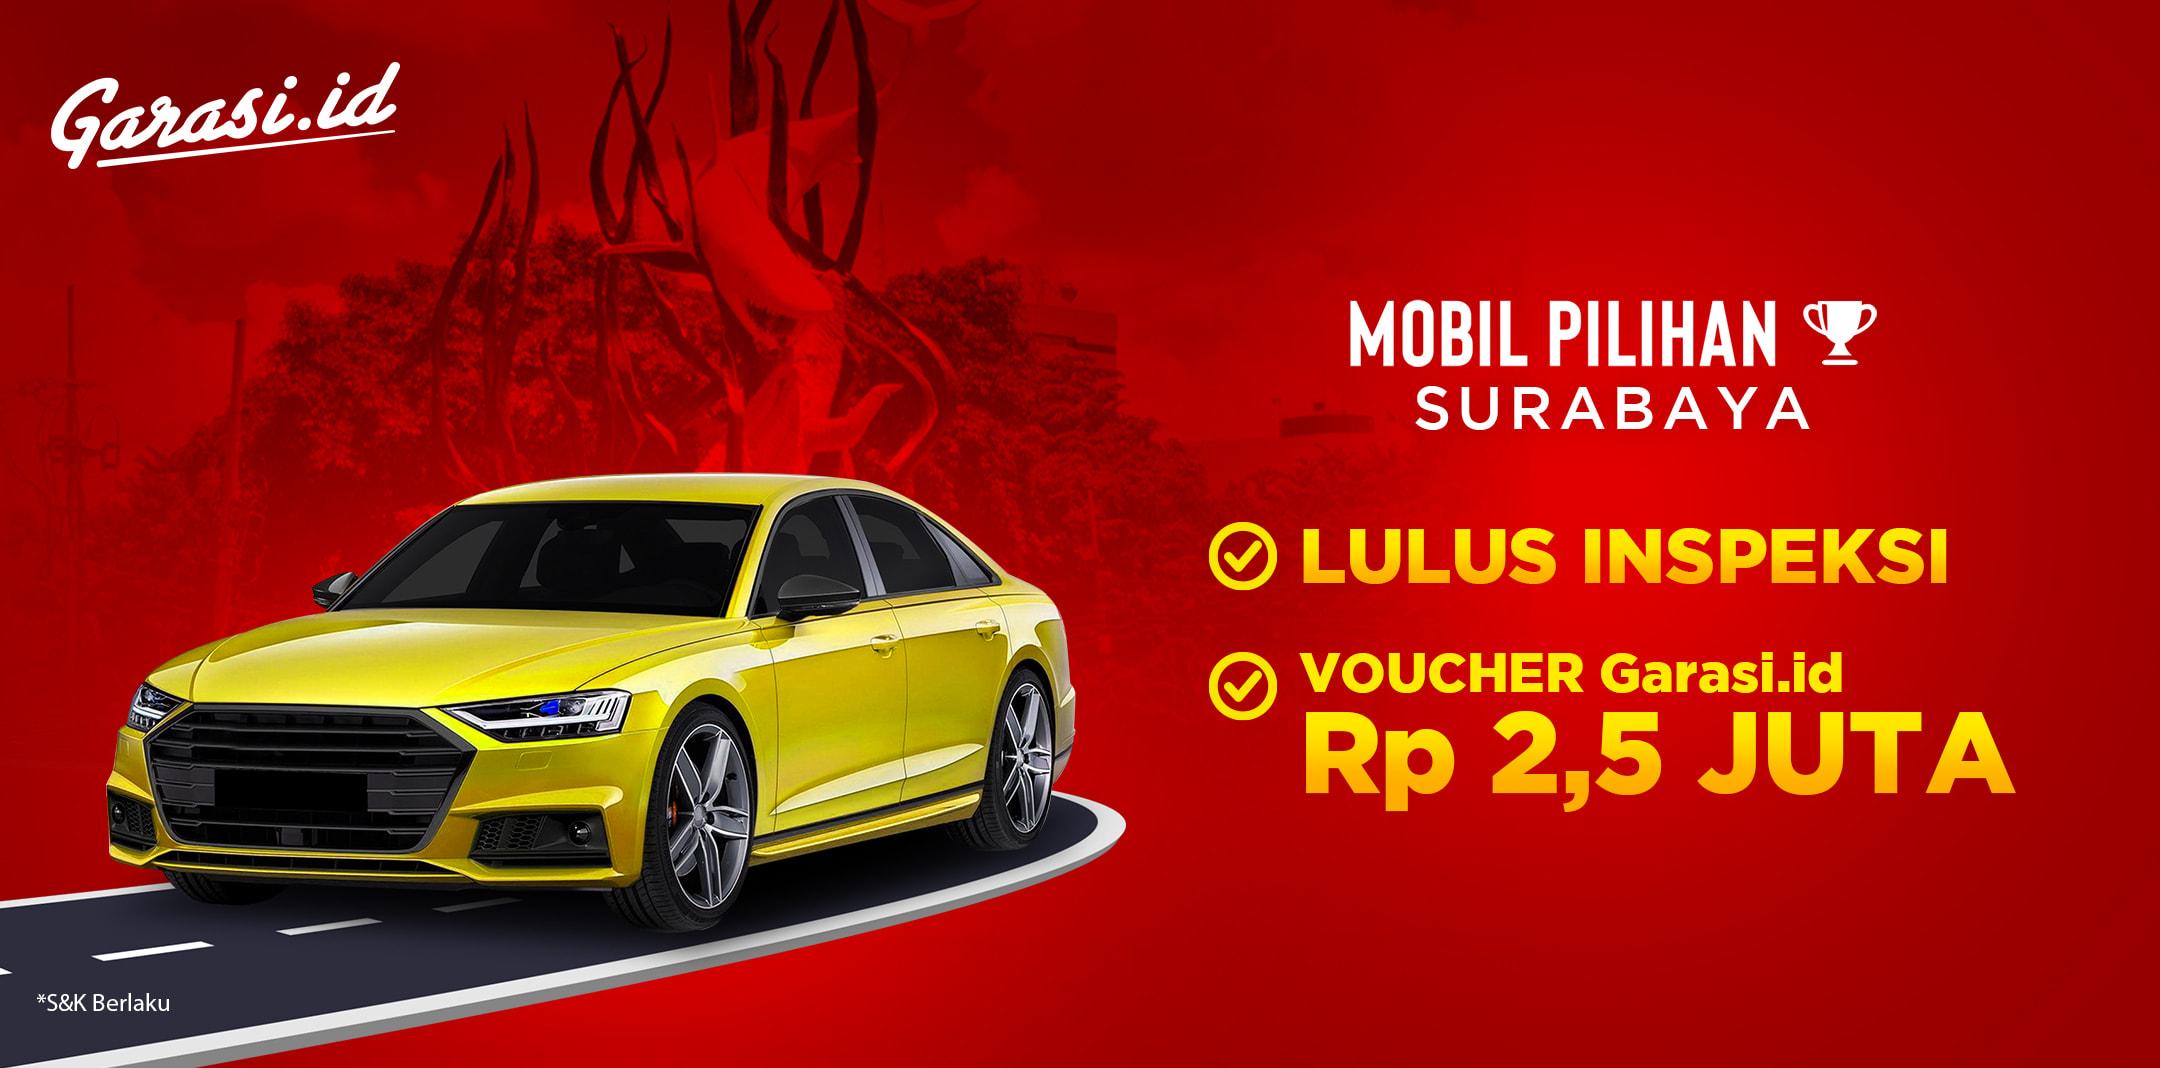 Gratis Voucher 2,5 Juta untuk pembelian Mobil Pilihan di area Surabaya